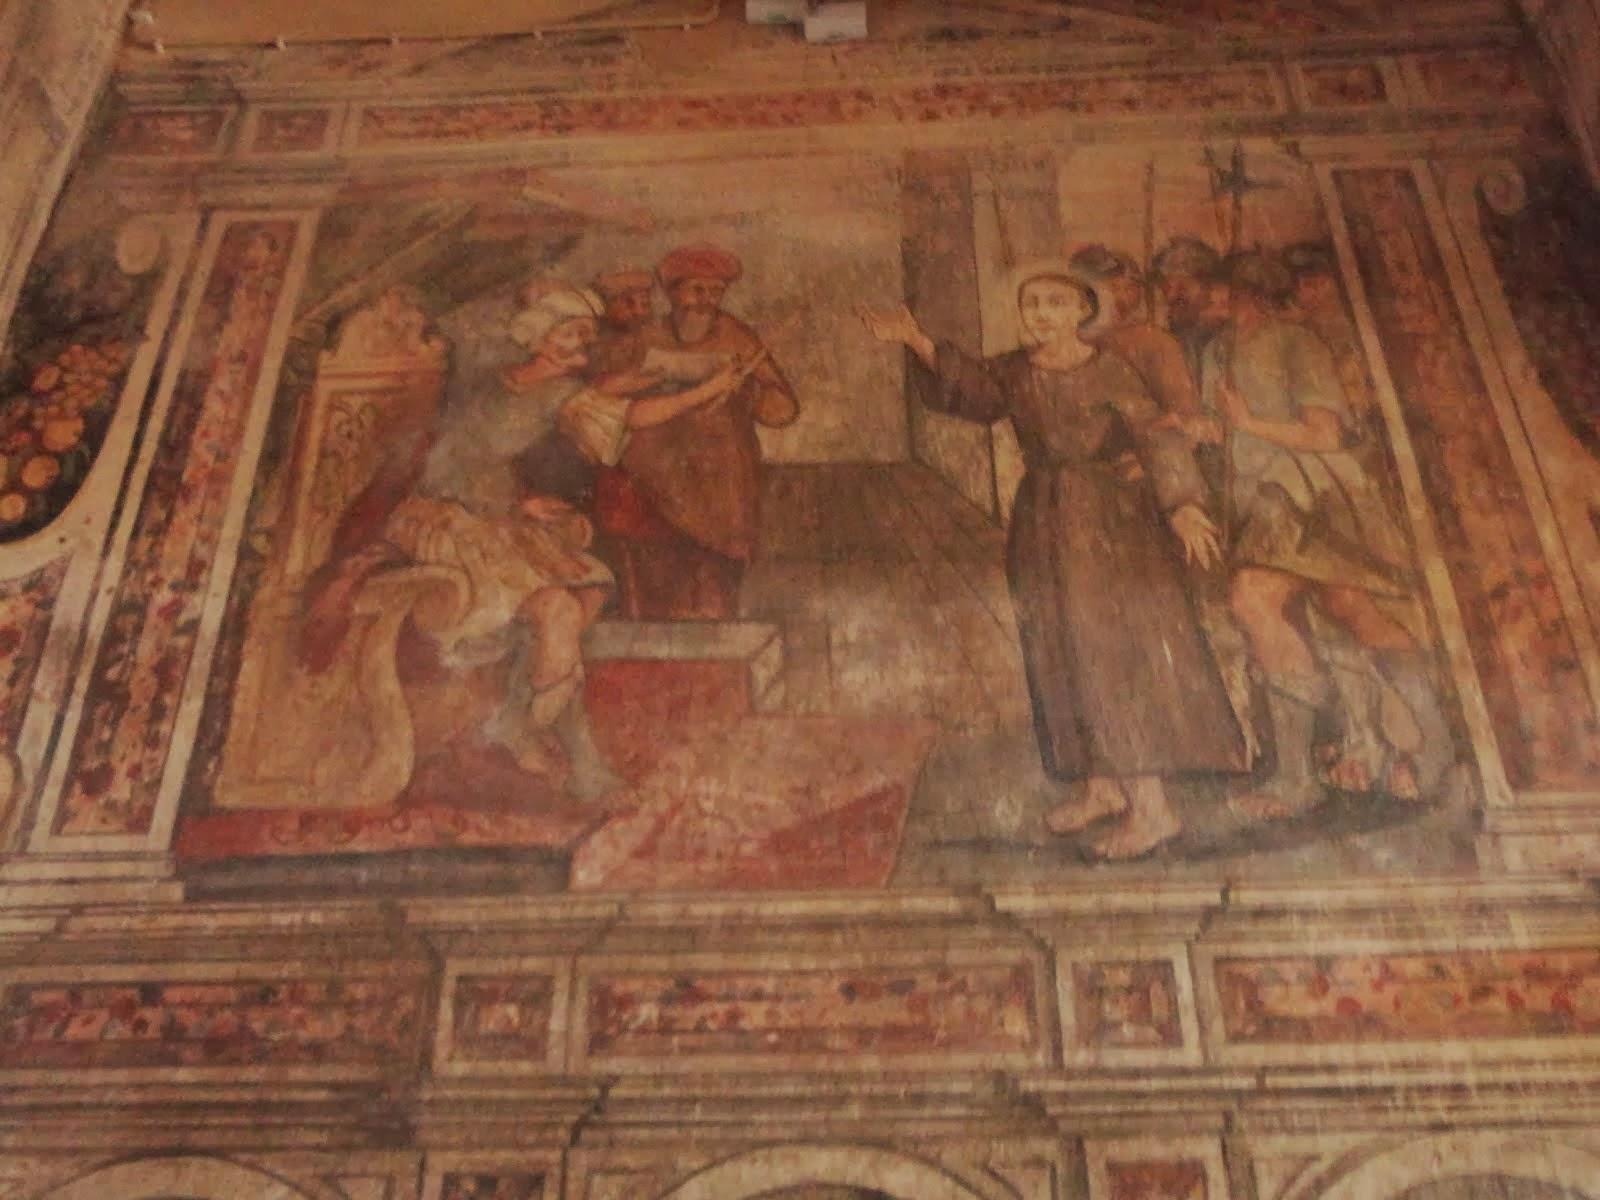 Pintura Mural da Capela de São Brás